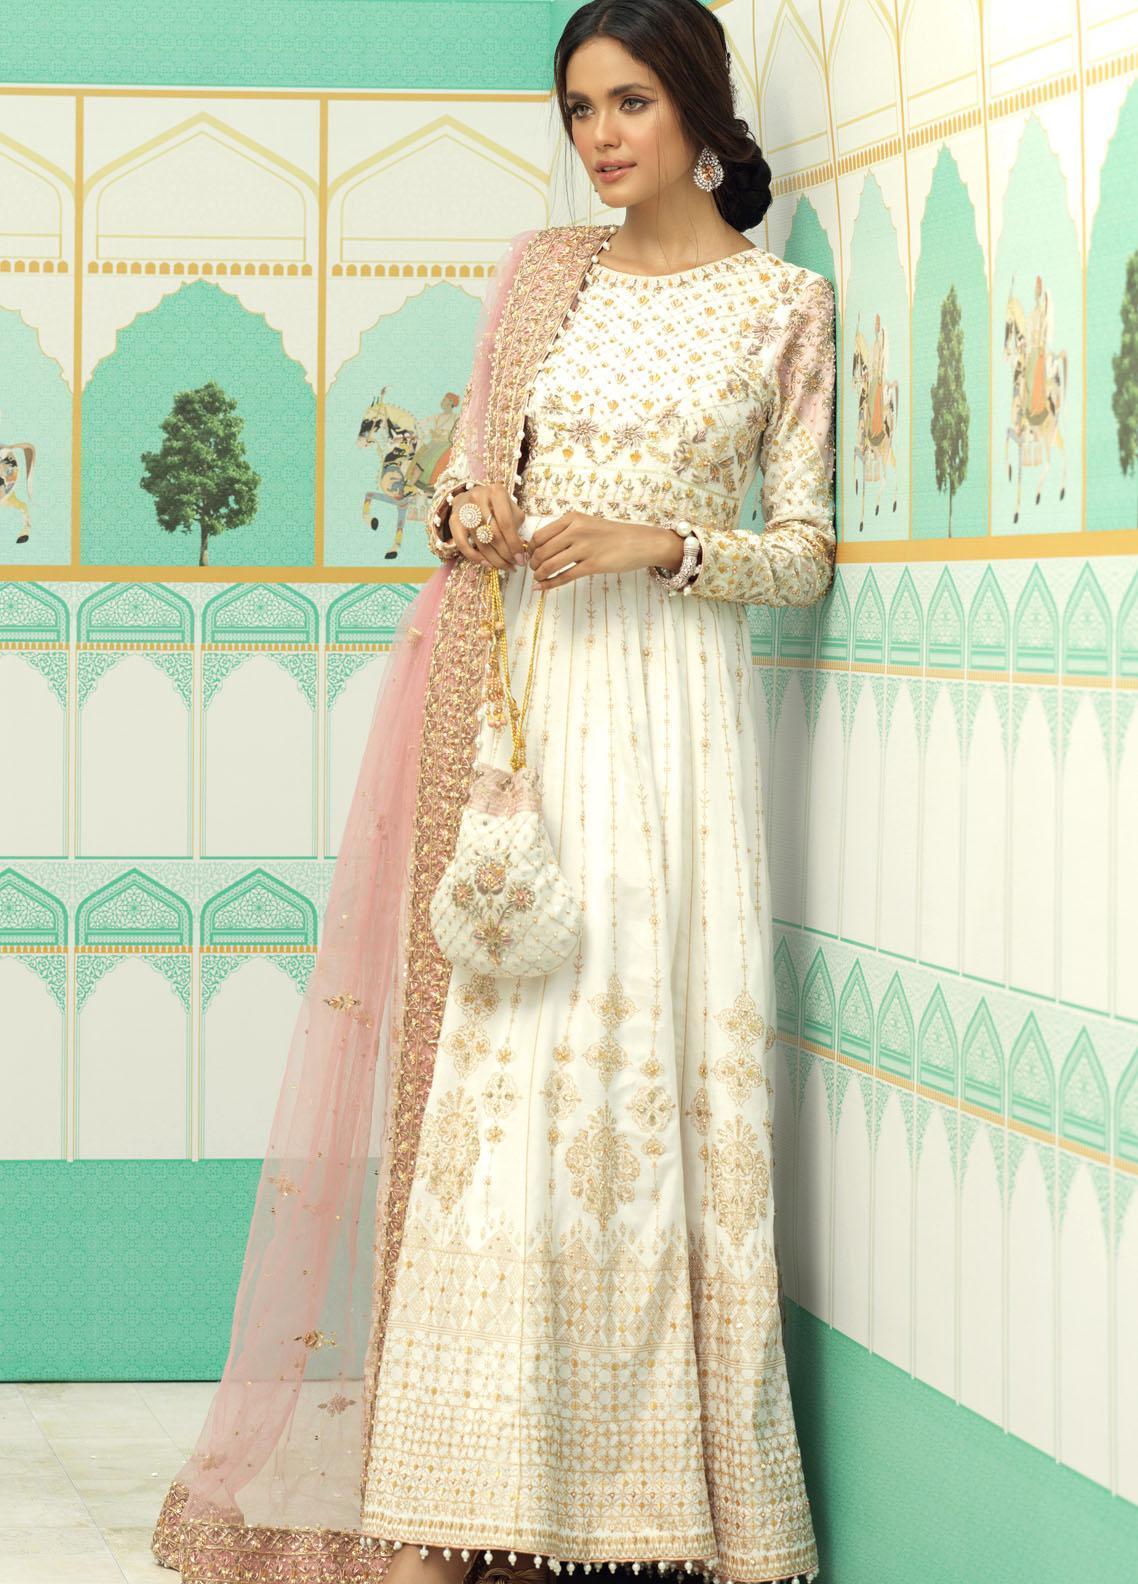 Zaaviay Luxury Pret Embroidered Raw Silk 3 Piece Dress AYLEEN